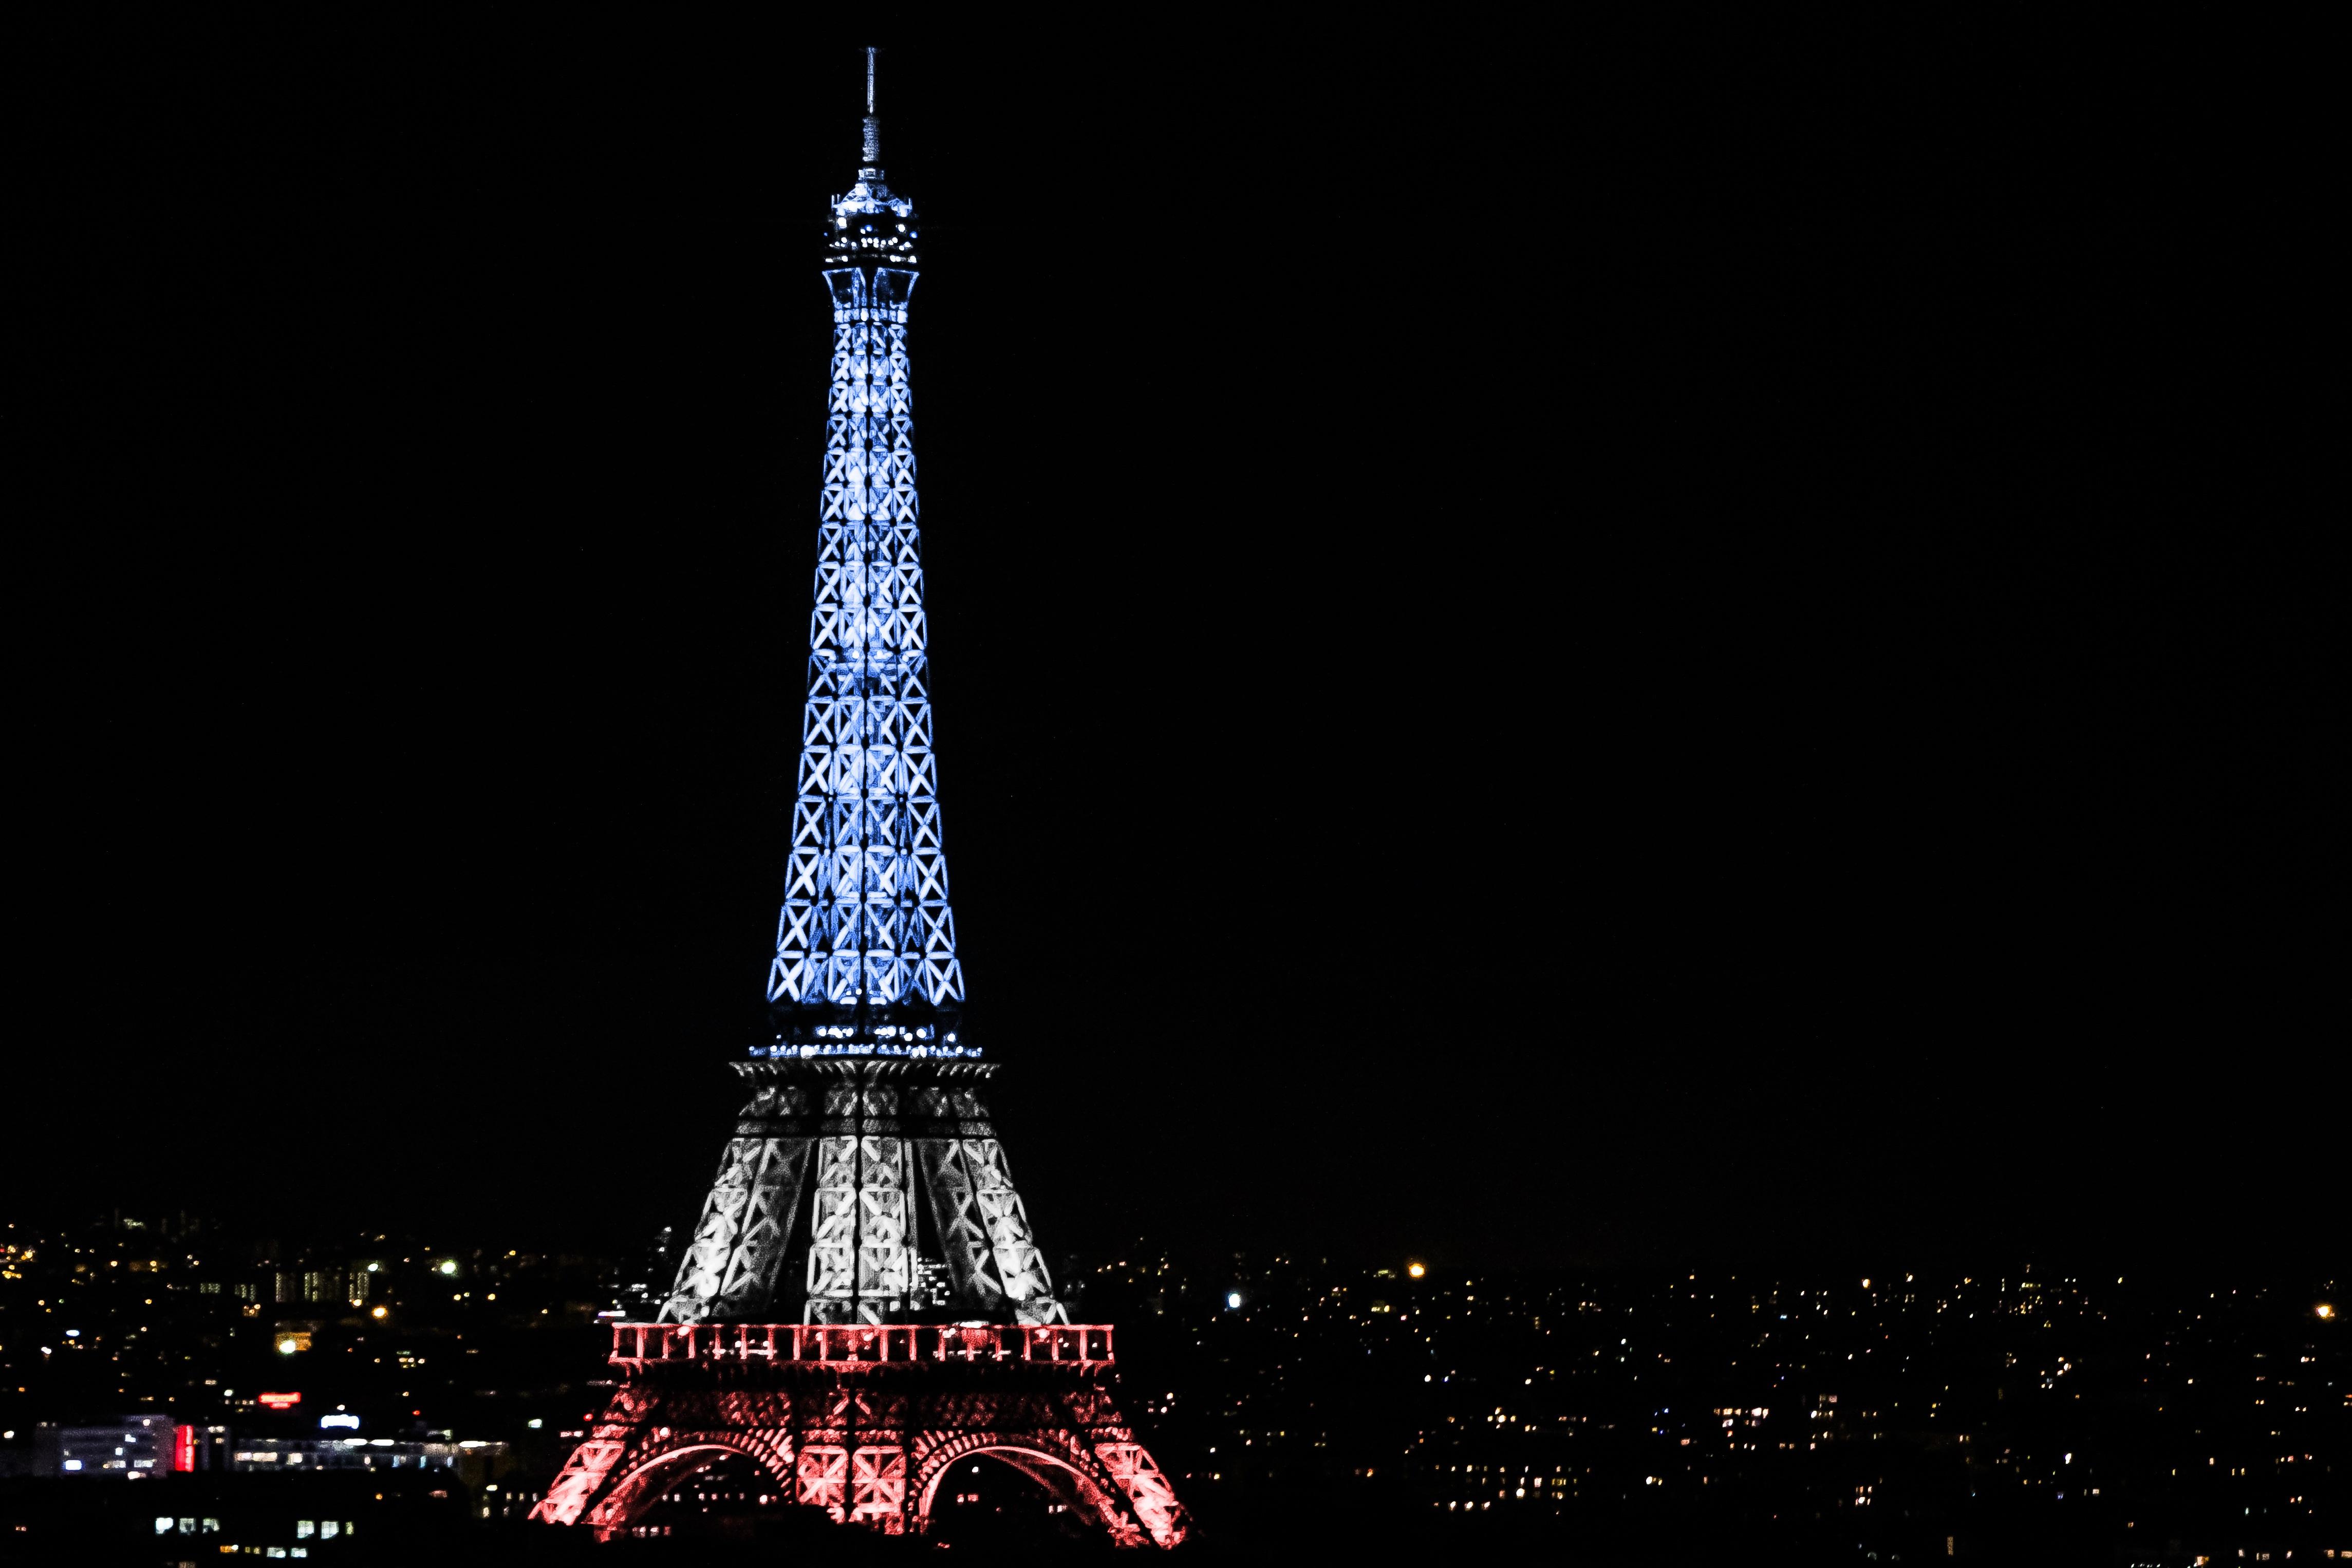 wallpaper : night, skyline, tower, christmas tree, france, paris